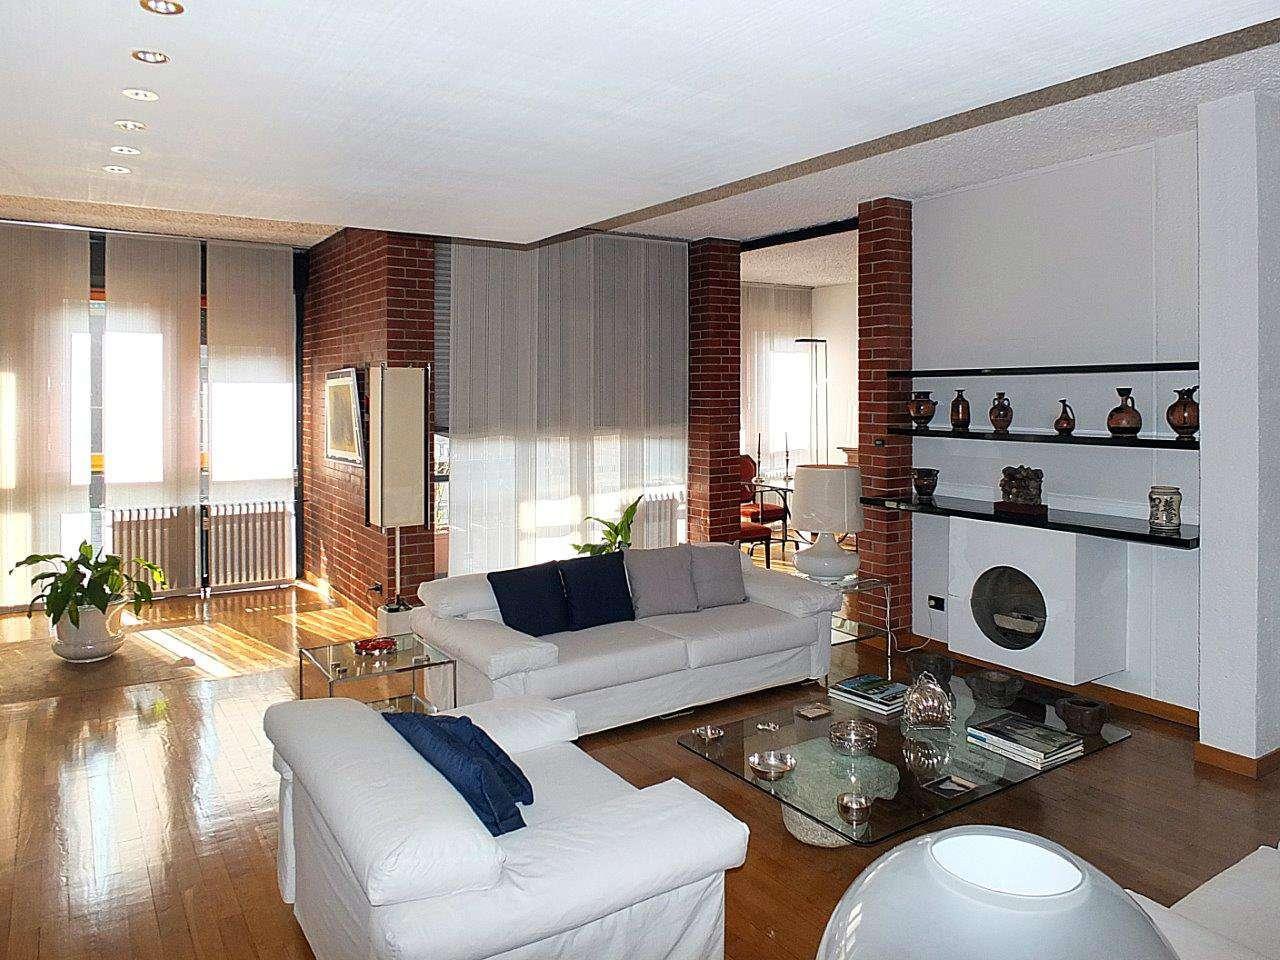 Appartamento in Vendita a Milano 06 Italia / Porta Romana / Bocconi / Lodi:  5 locali, 190 mq  - Foto 1